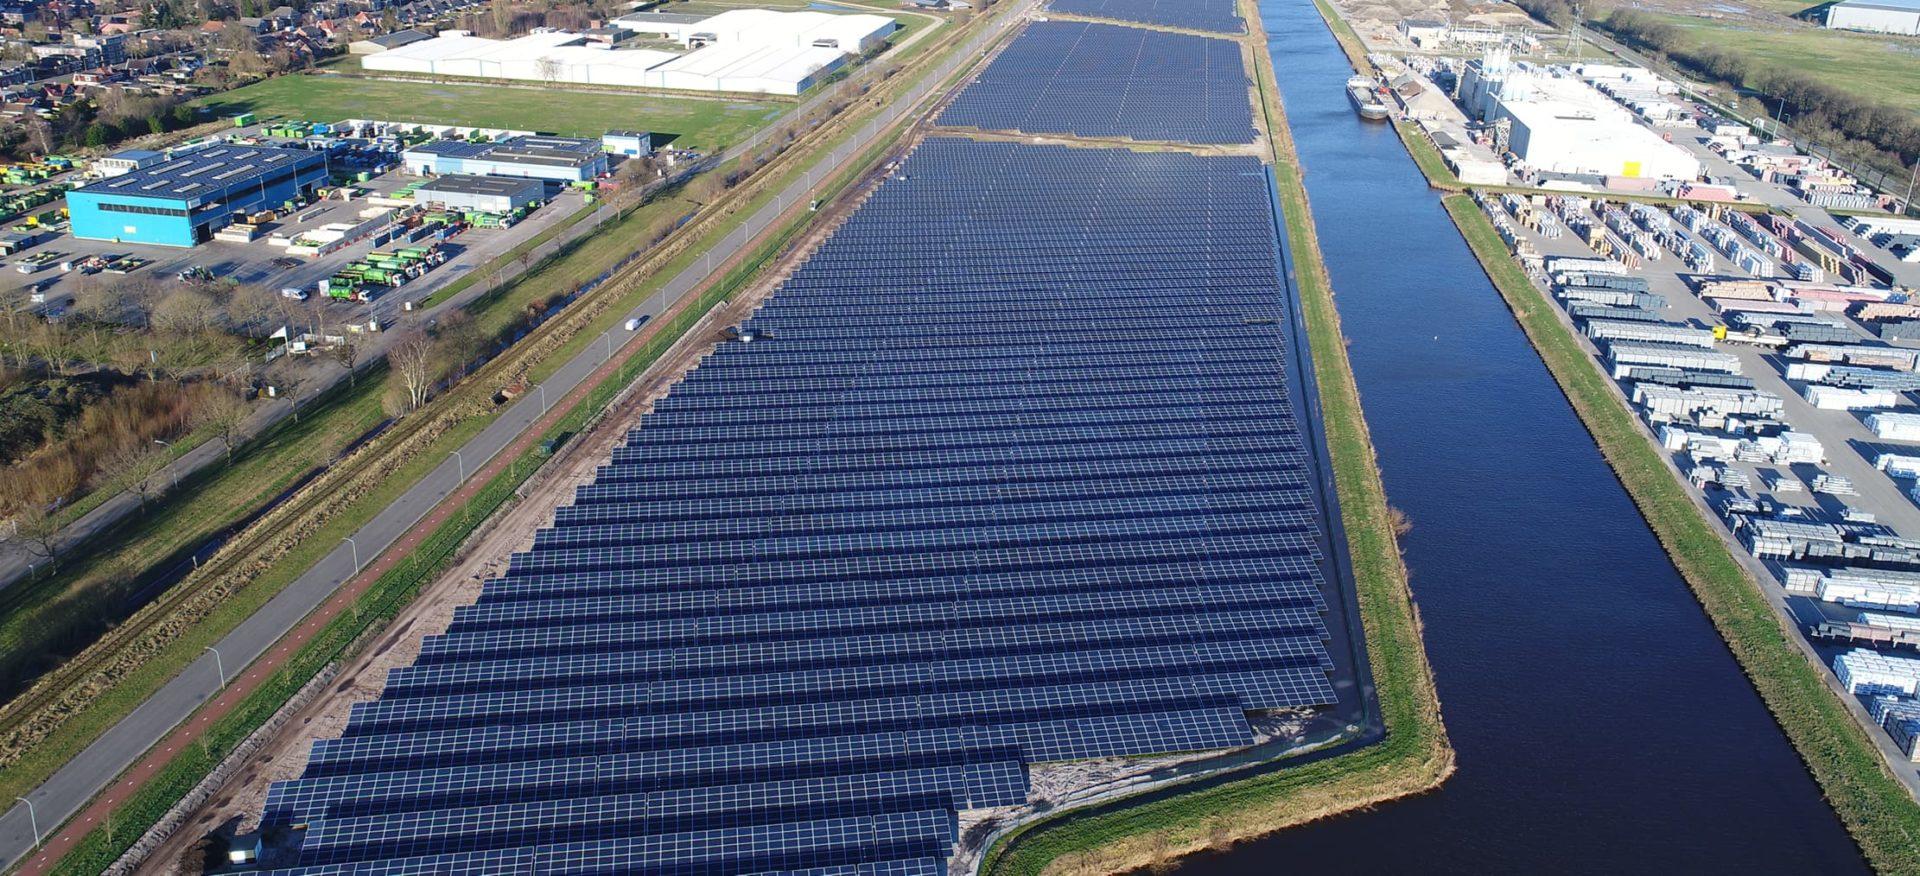 Luftaufnahme der Solaranlage Veendam, Niederlande